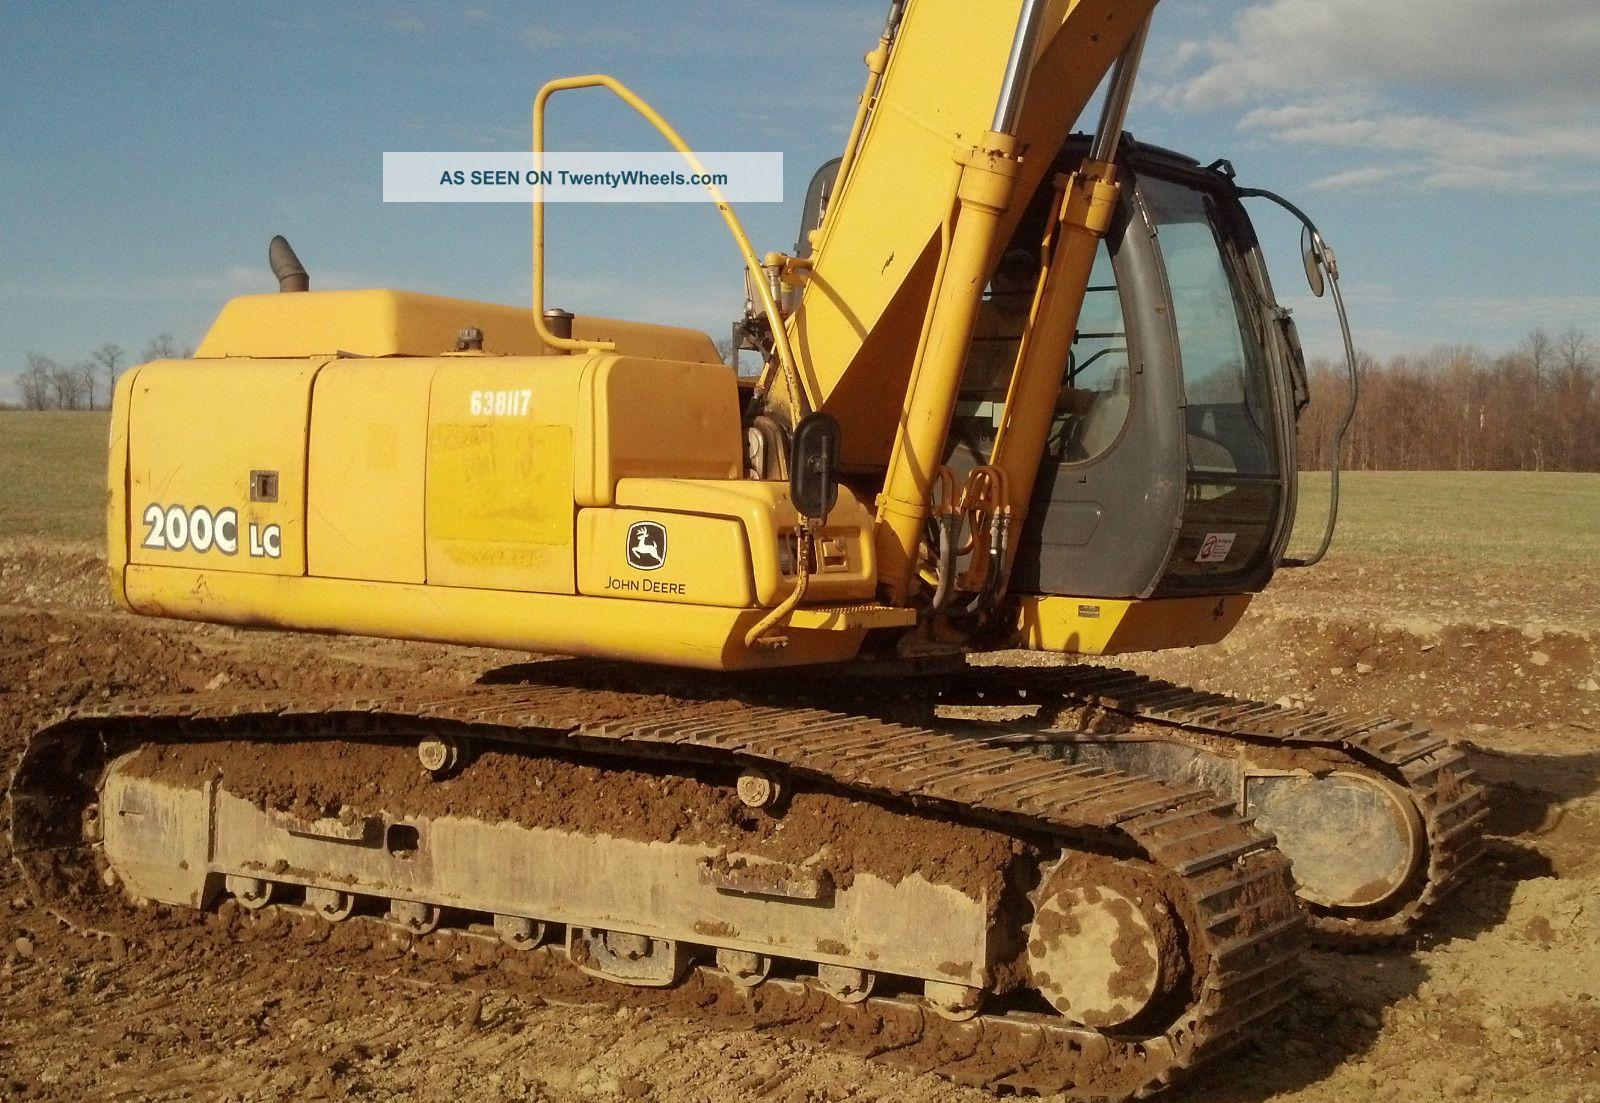 2006 John Deere 200c Lc Hydraulix Excavator